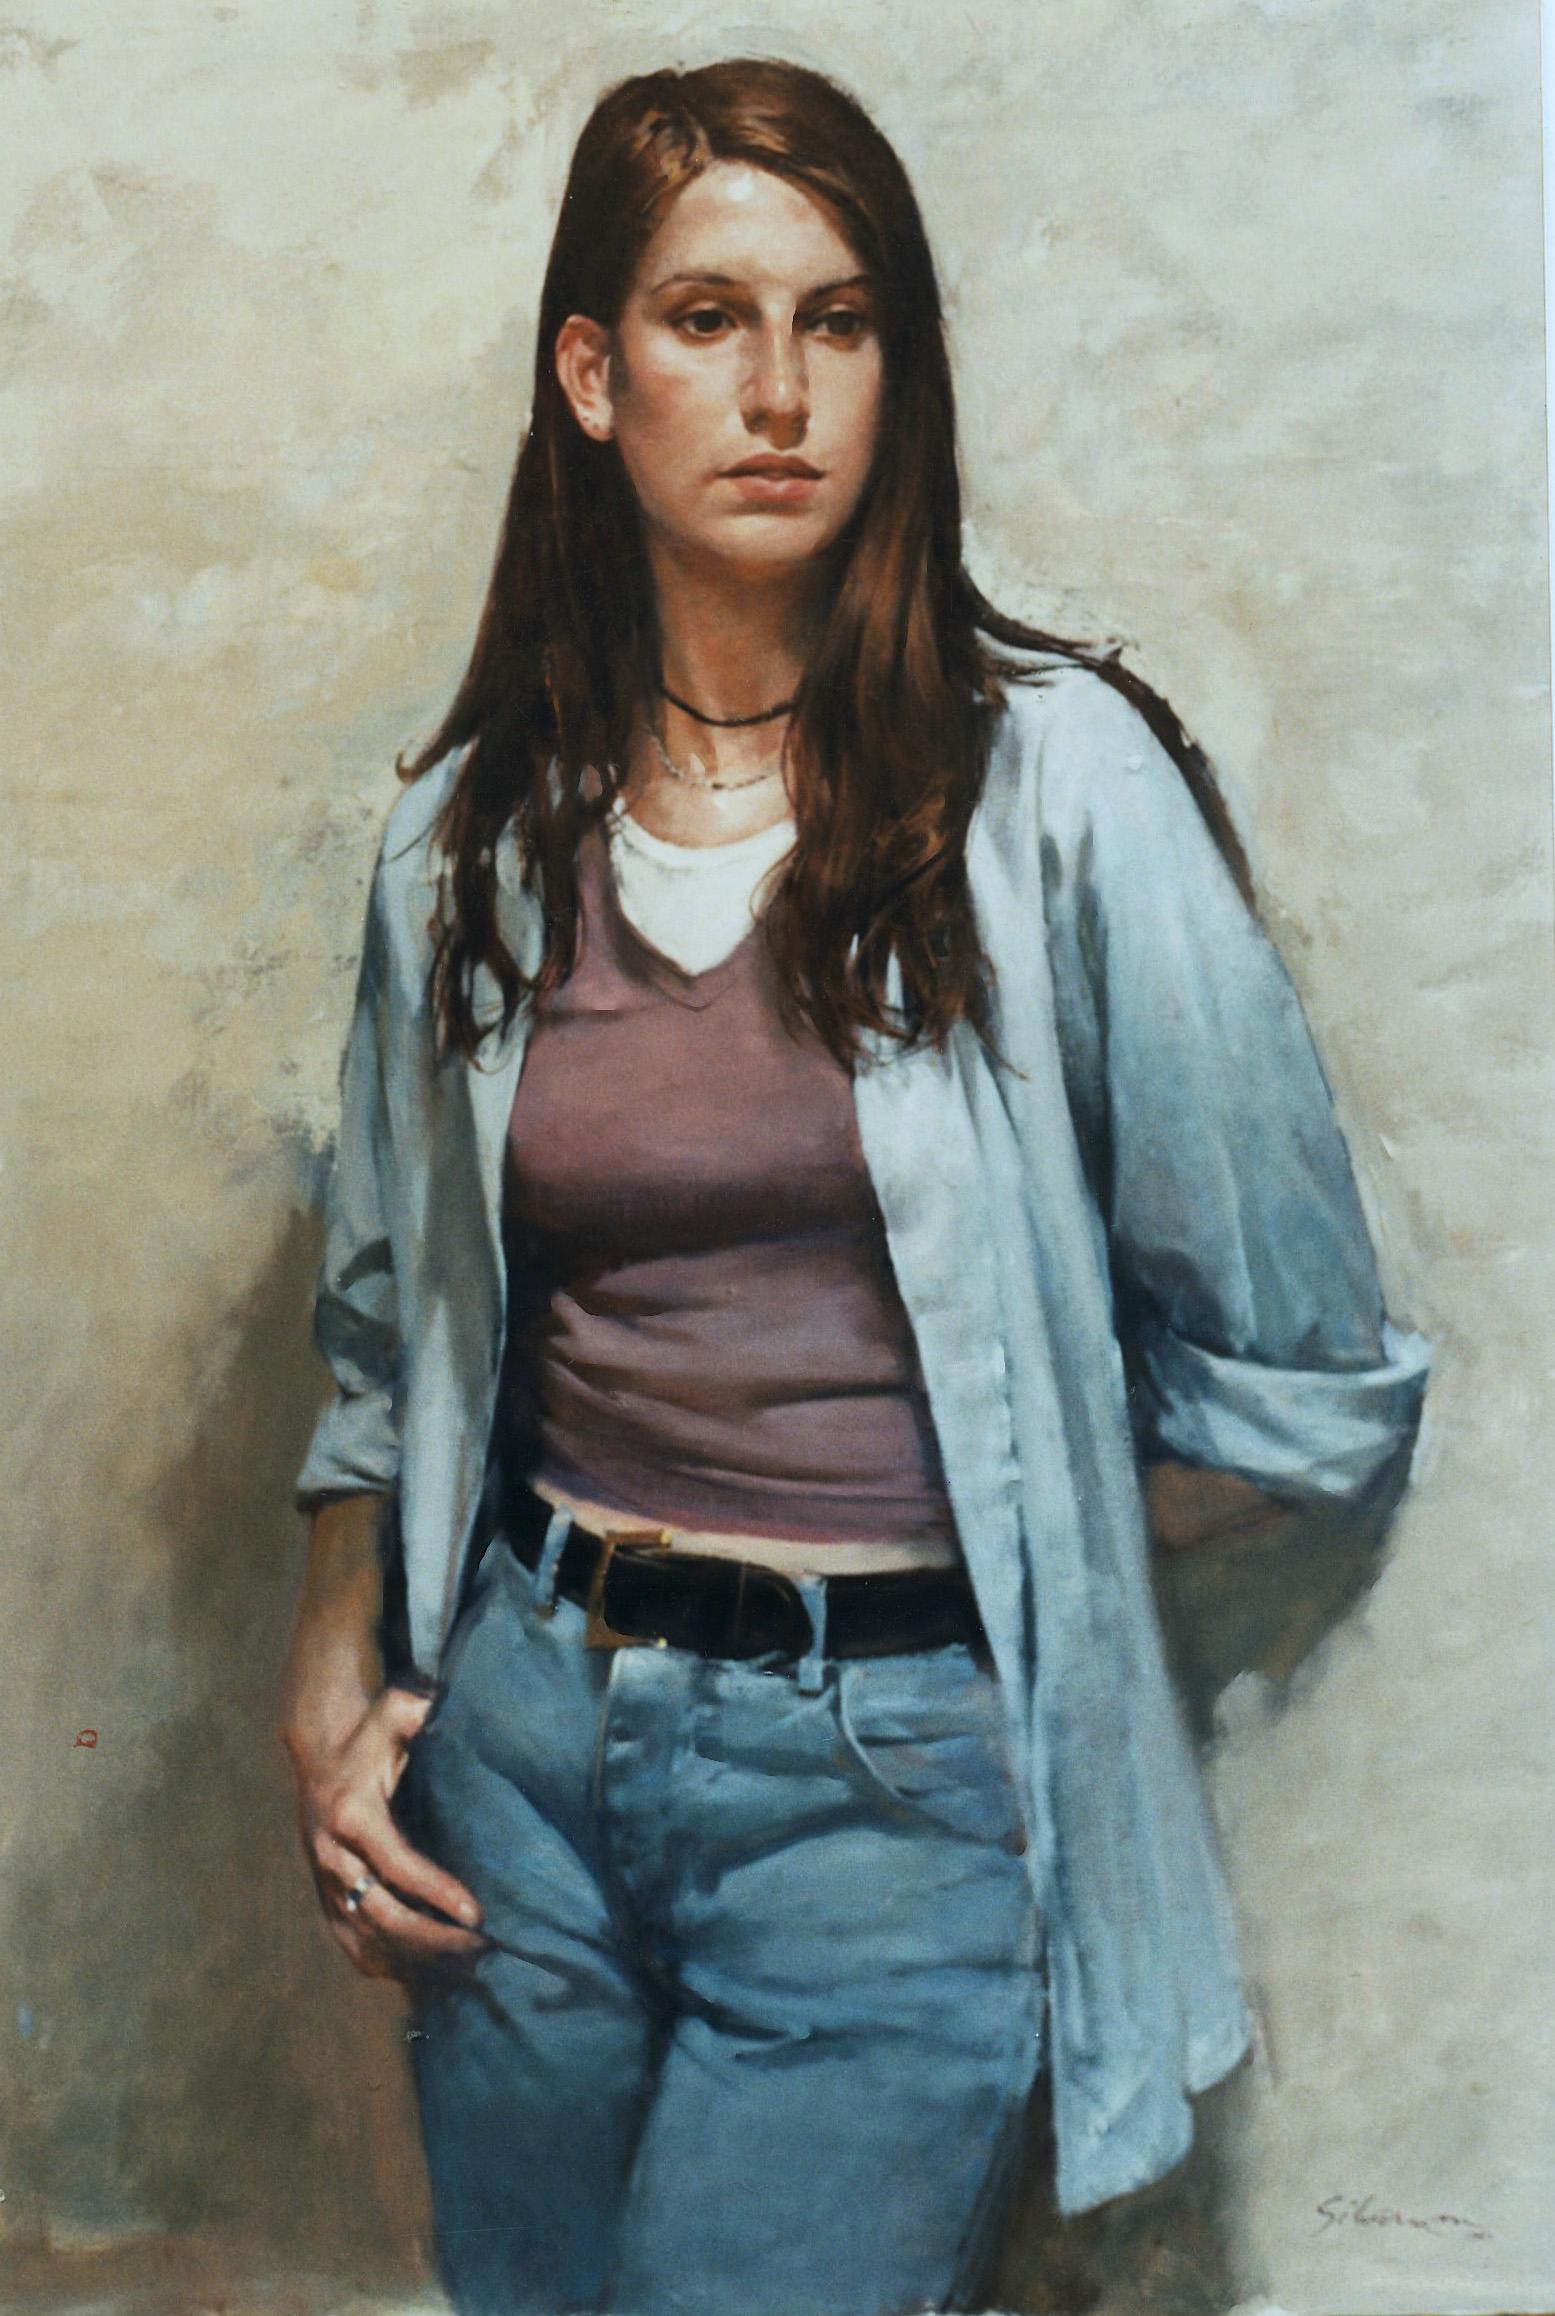 Alexandra Nicholas, 1998